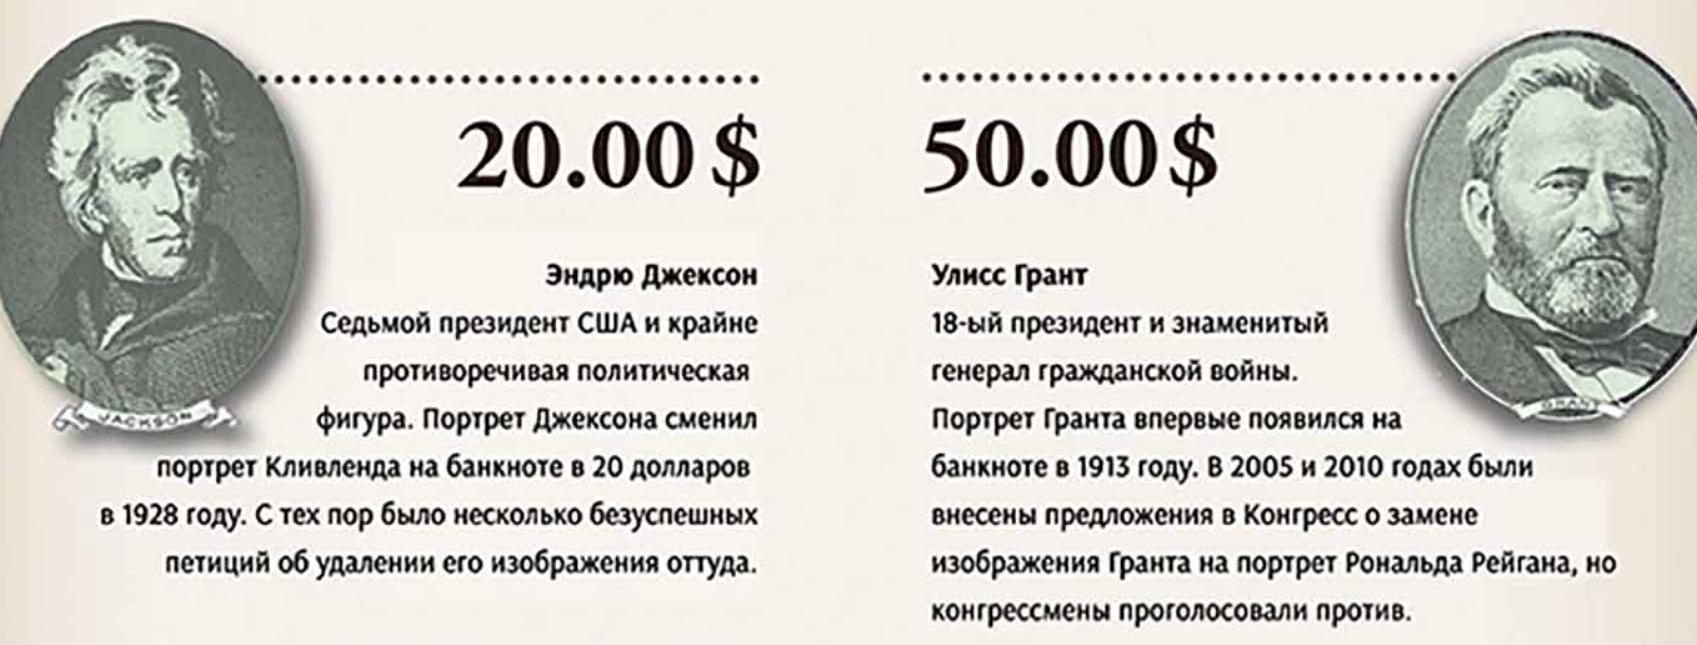 20 и 50 долларов США